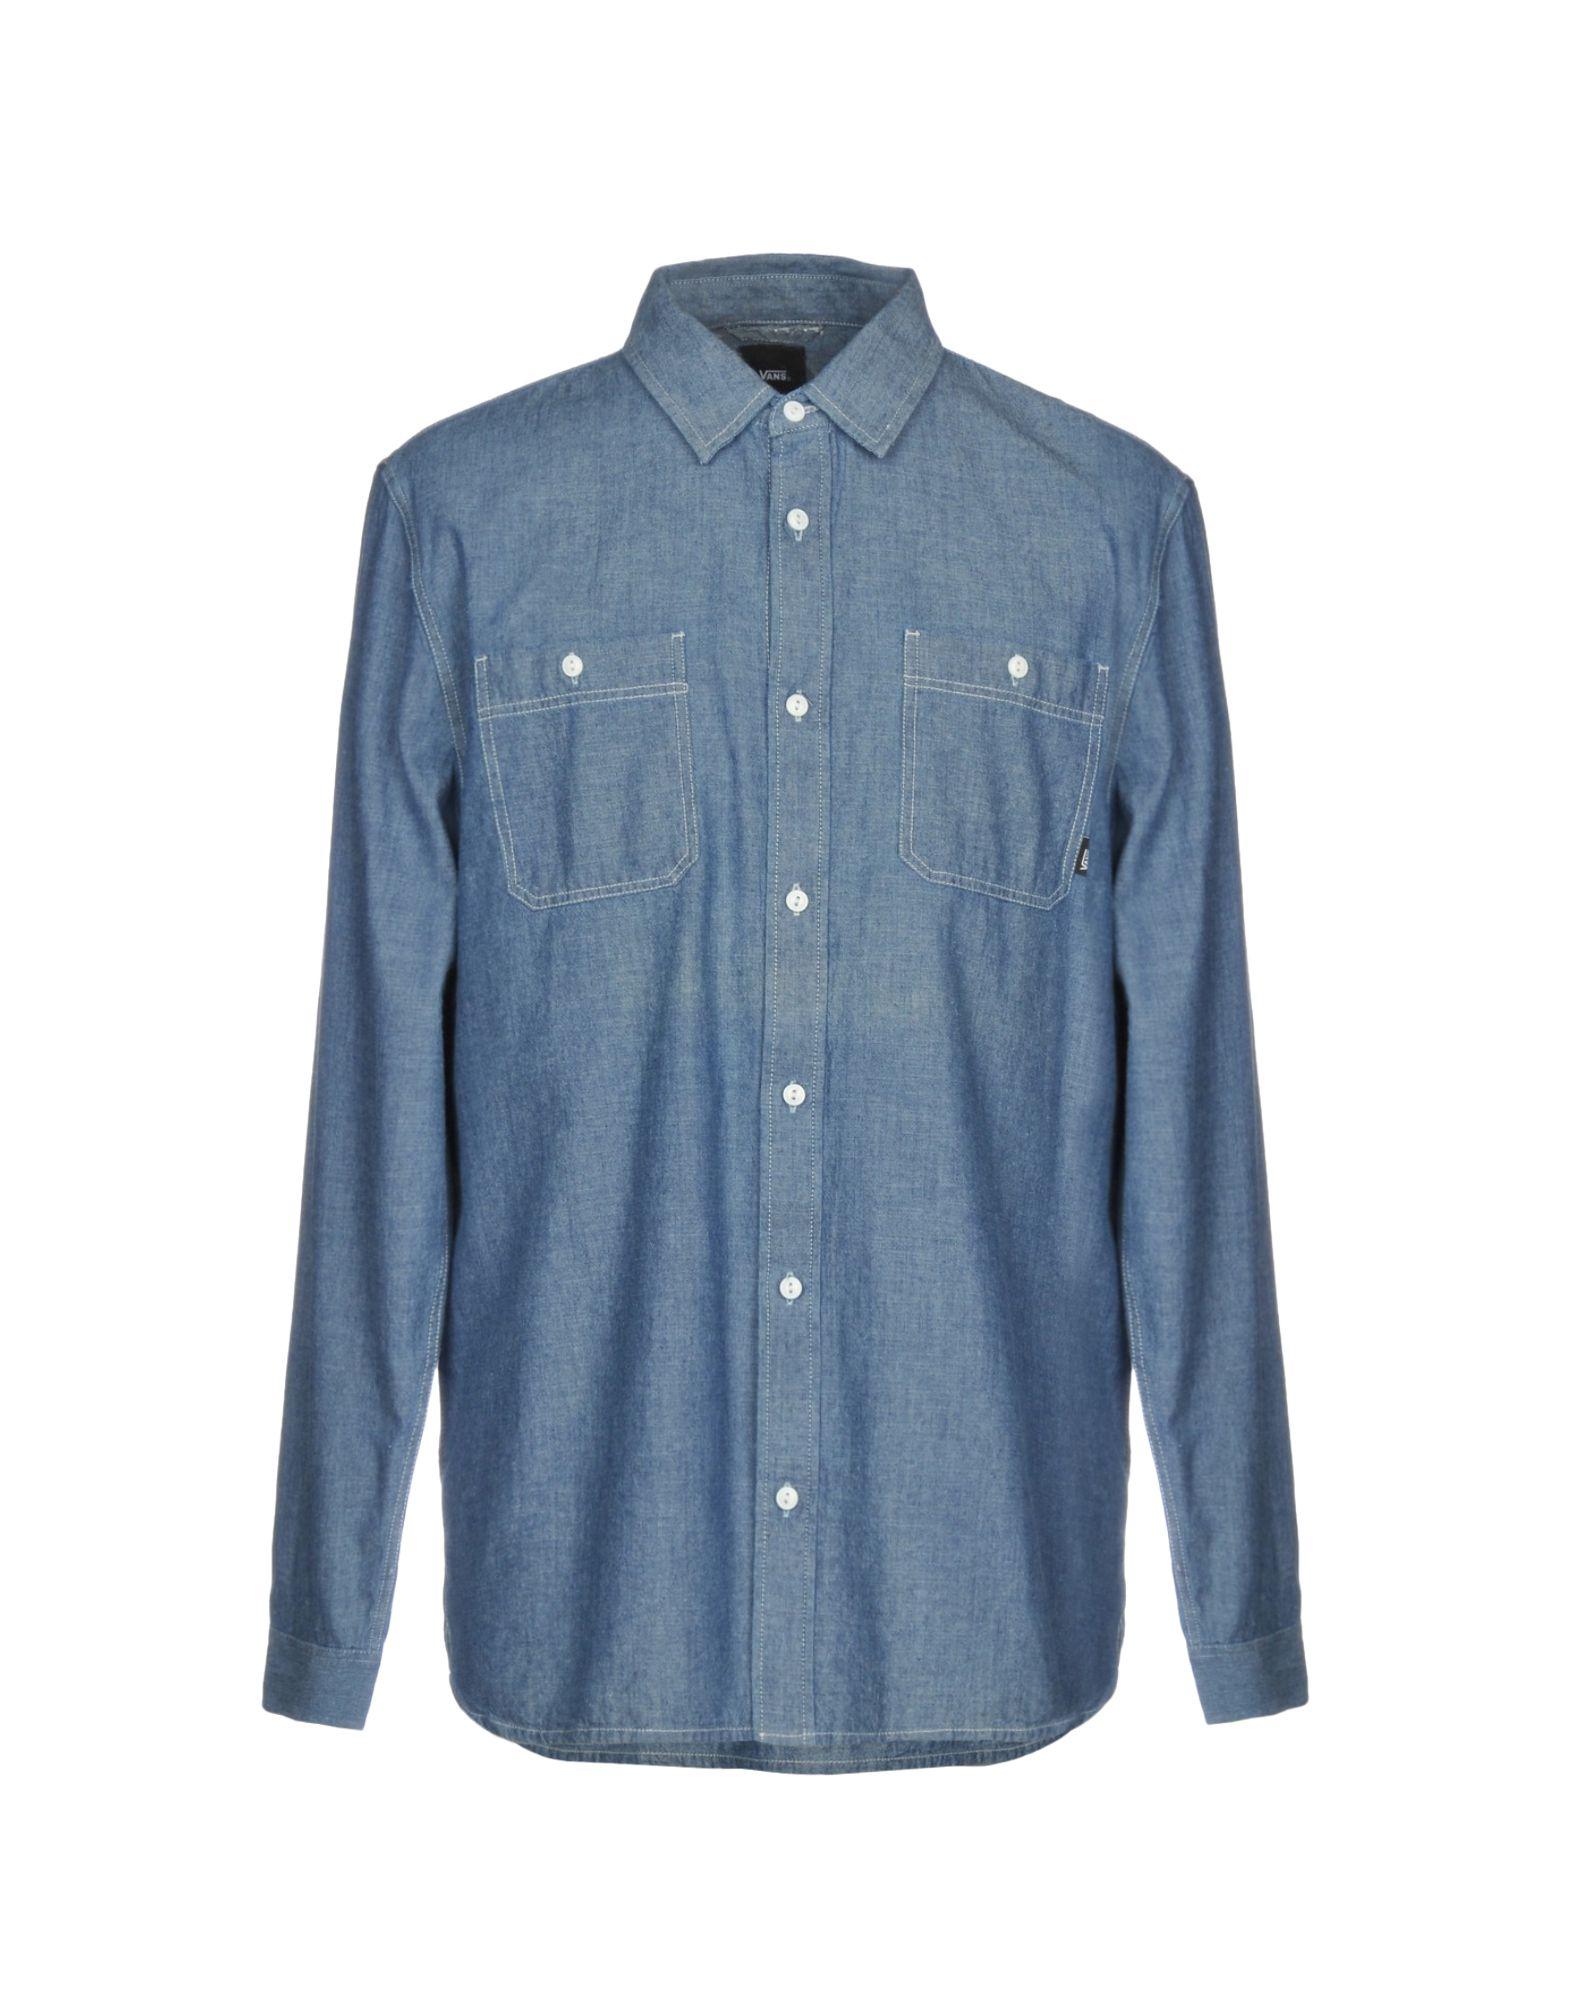 《送料無料》VANS メンズ デニムシャツ ブルー L コットン 100%